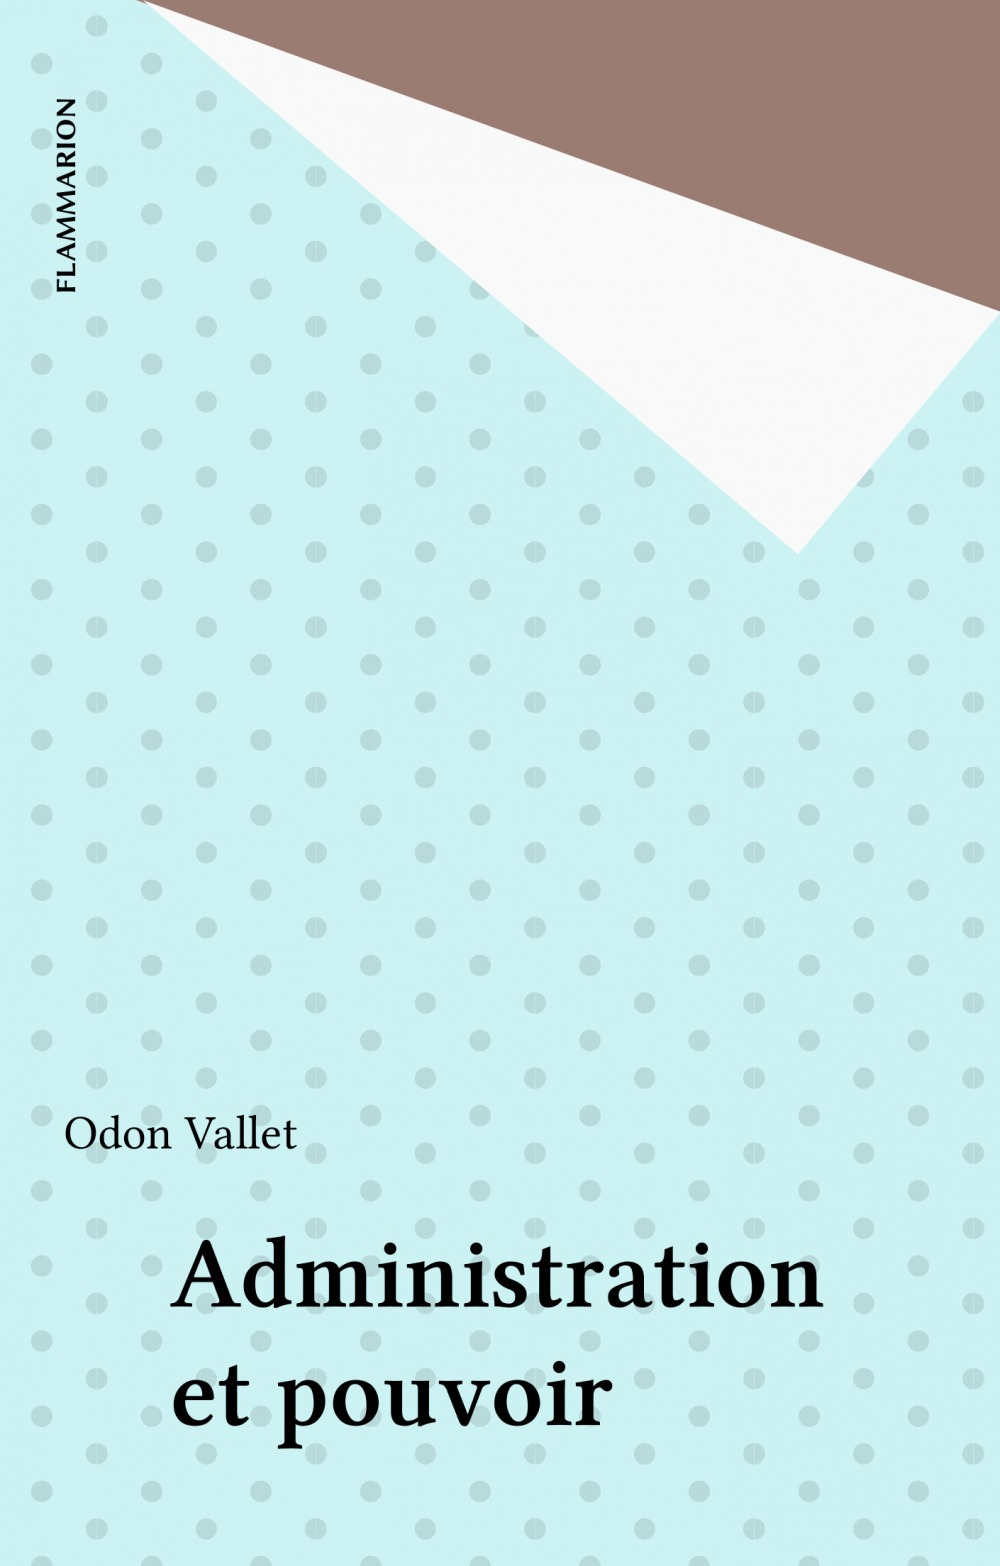 Administration et pouvoir